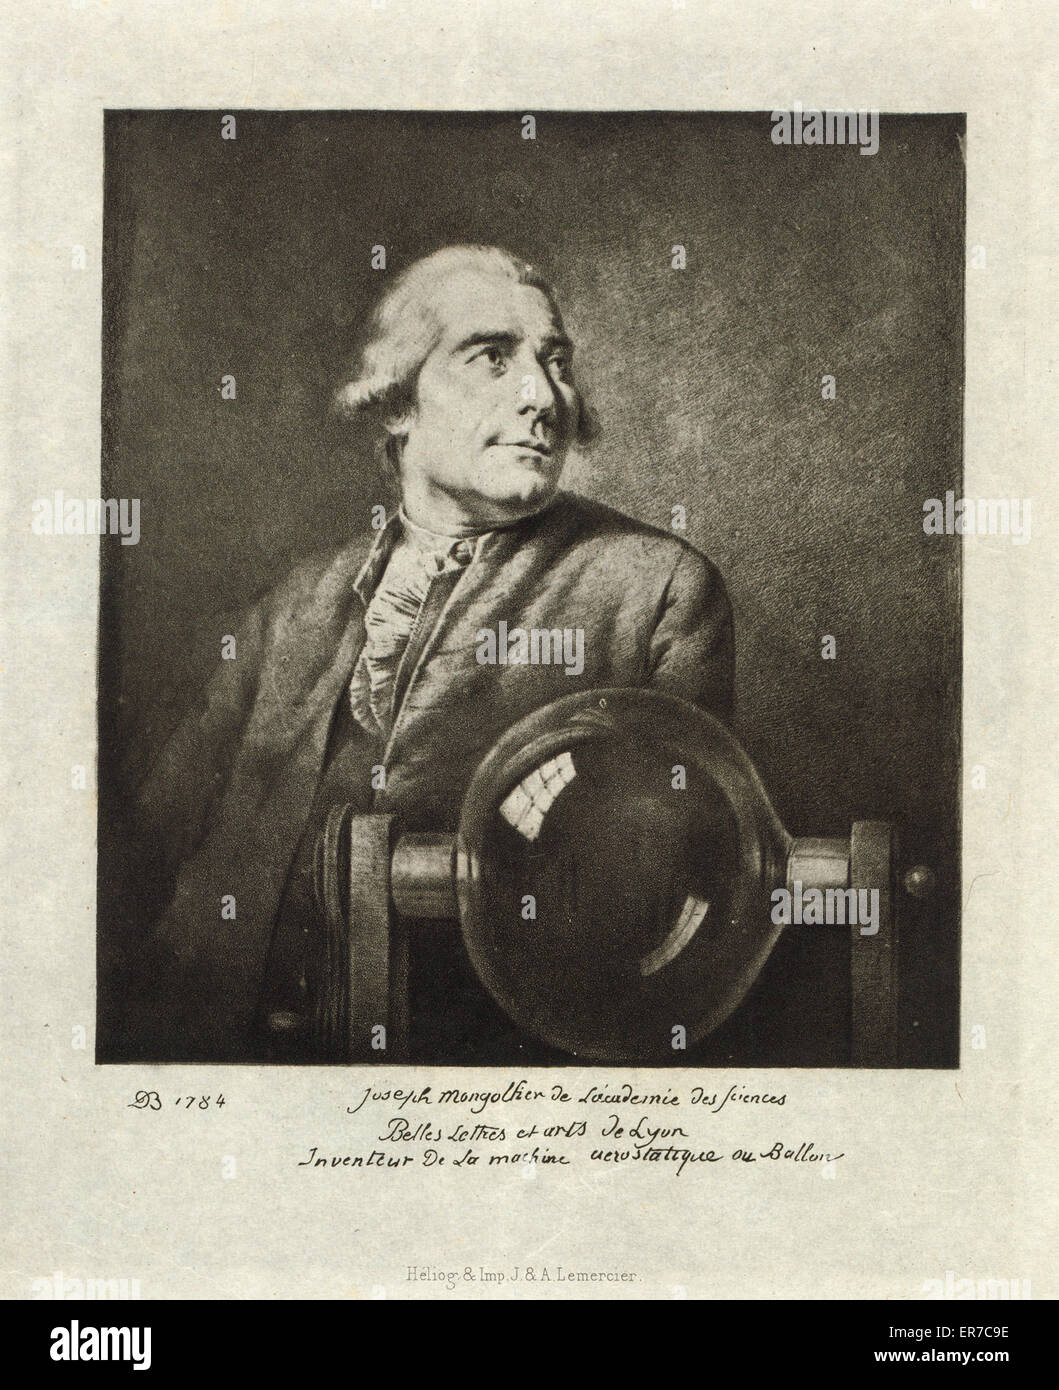 Joseph Montgolfier de Akademie des Sciences, Belles-Lettres, et Artes de Lyon, Inveniteur De La Machine Aerostatique Stockbild